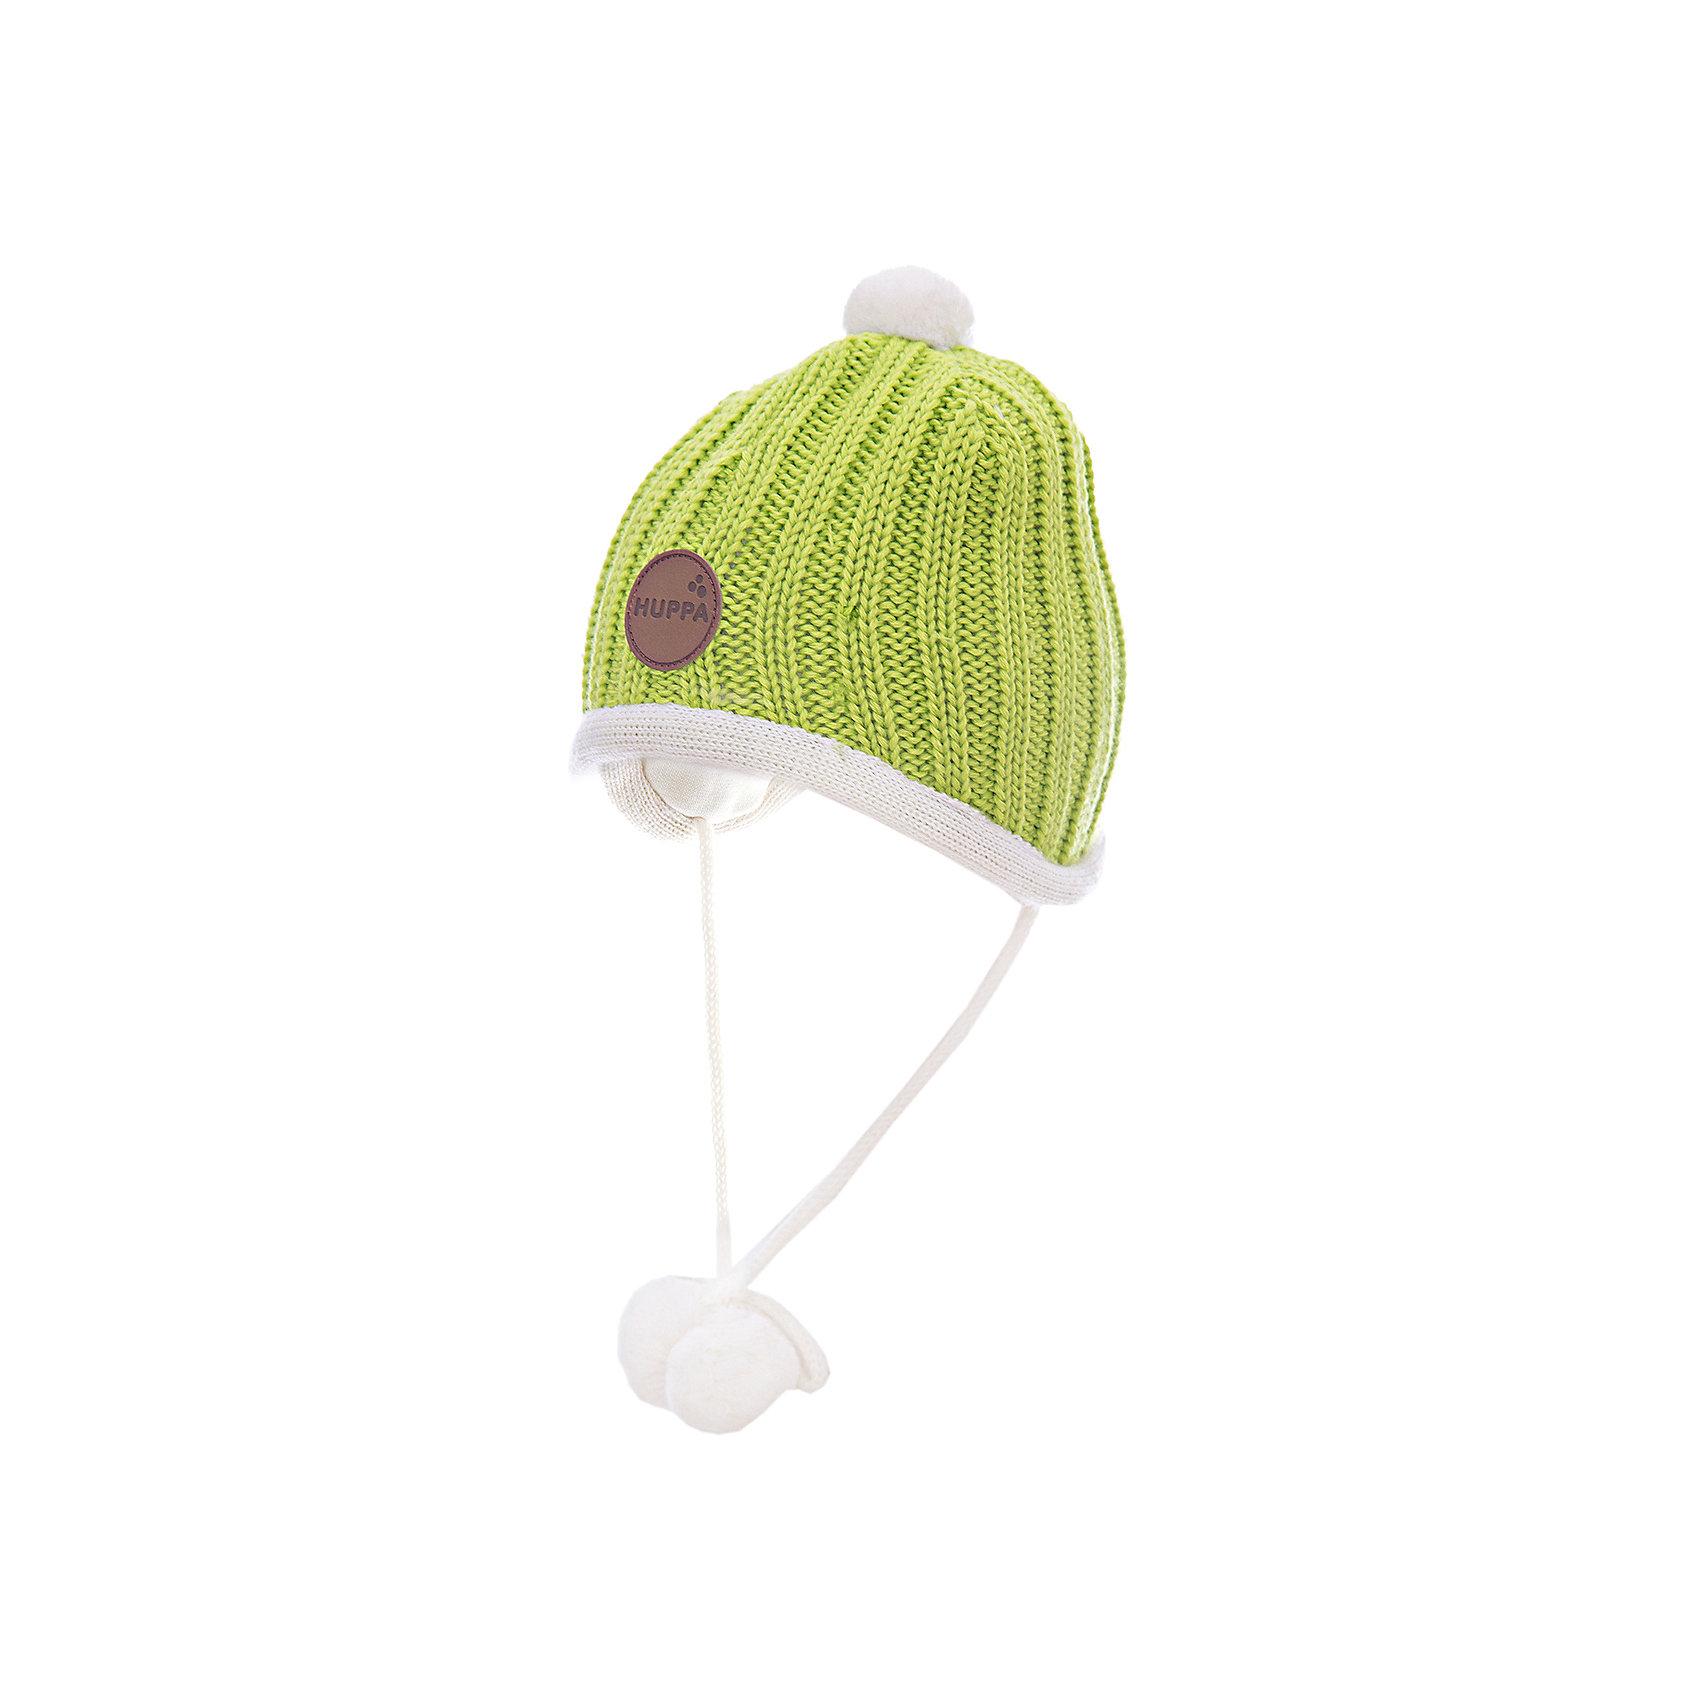 Шапка HuppaШапочки<br>Вязанная «резинкой» зимняя шапка для малышей. Для удобства ношения у шапки приятная подкладка из хлопкового трикотажа, наружная часть из смеси 50% мериносовой шерсти и 50% акриловой пряжи. Для защиты от холодных ветров у шапки имеются ленты с помпонами, при помощи которых шапку можно завязать и защитить уши от холода. <br><br>Шапку Huppa (Хуппа) можно купить в нашем магазине.<br><br>Ширина мм: 89<br>Глубина мм: 117<br>Высота мм: 44<br>Вес г: 155<br>Цвет: зеленый<br>Возраст от месяцев: 2<br>Возраст до месяцев: 5<br>Пол: Унисекс<br>Возраст: Детский<br>Размер: 39-43,51-53,43-45,47-49<br>SKU: 4242882